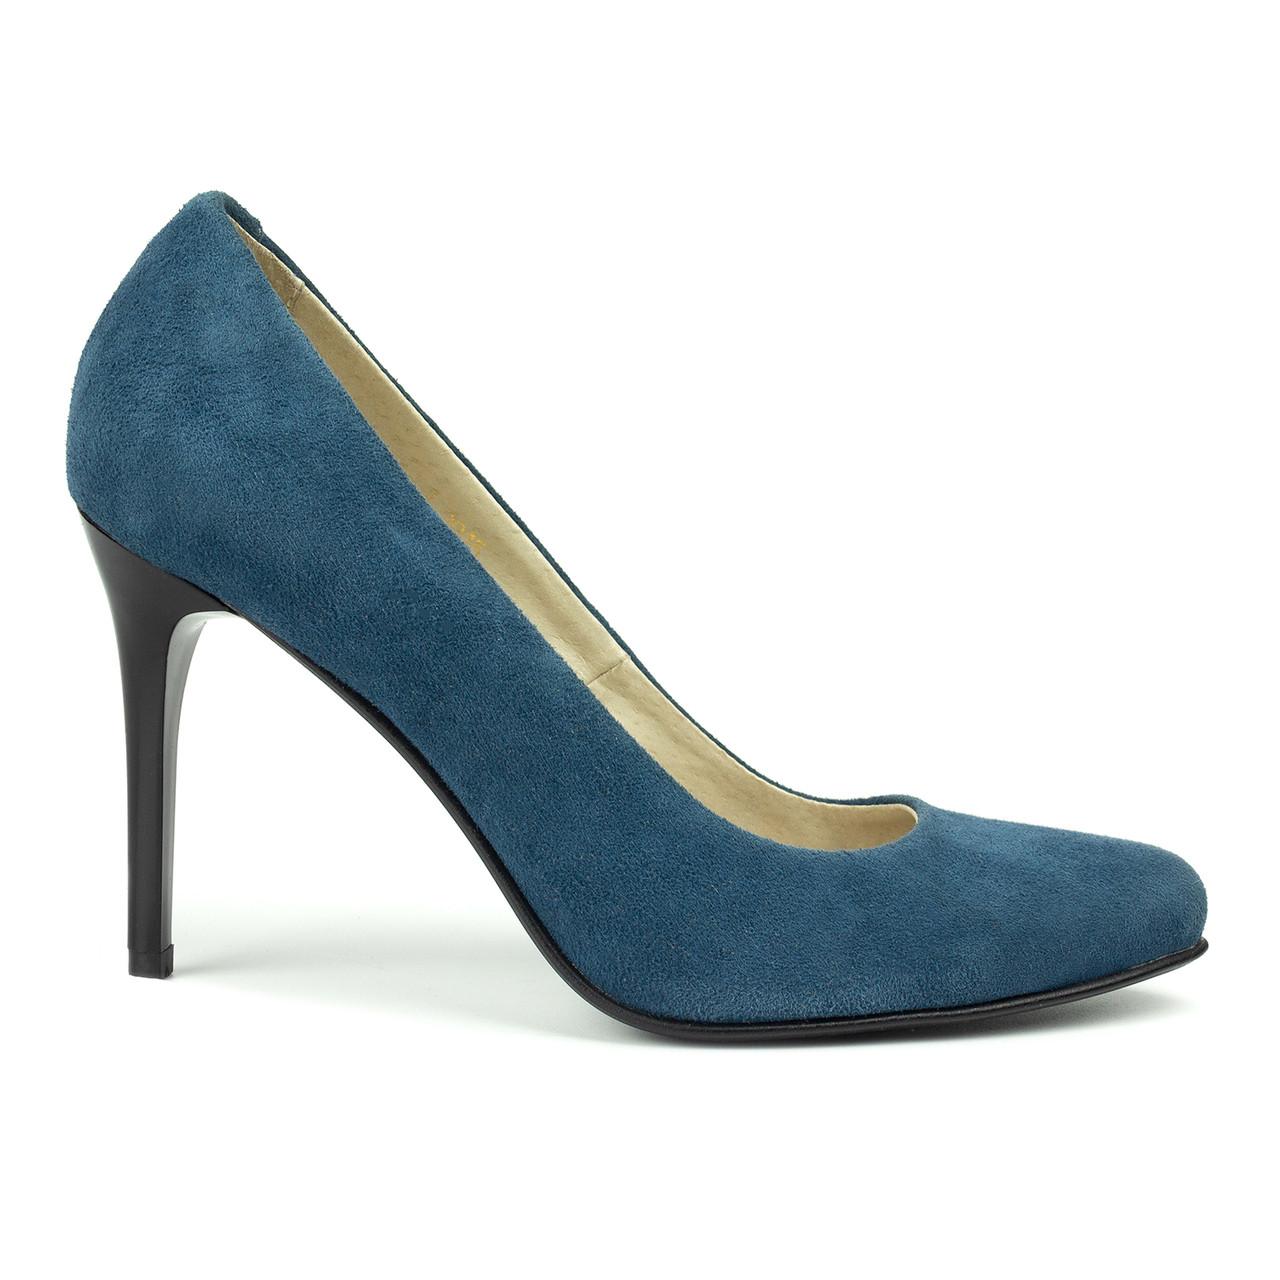 Туфли Woman's heel 39 синие (О-661)